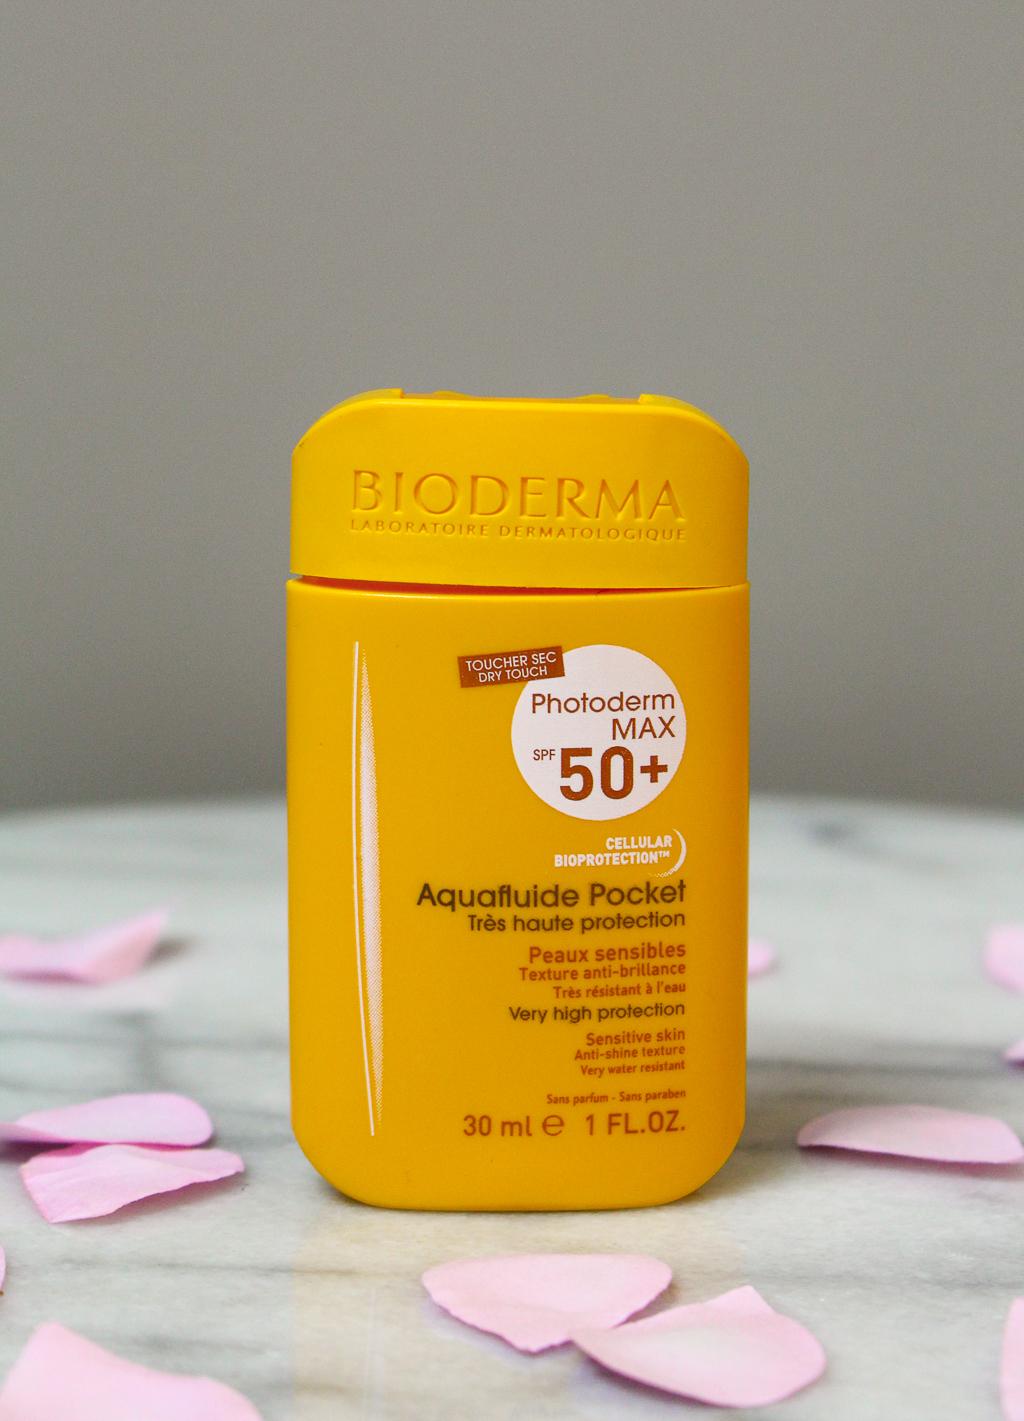 Bescherm je tegen de zon met Bioderma